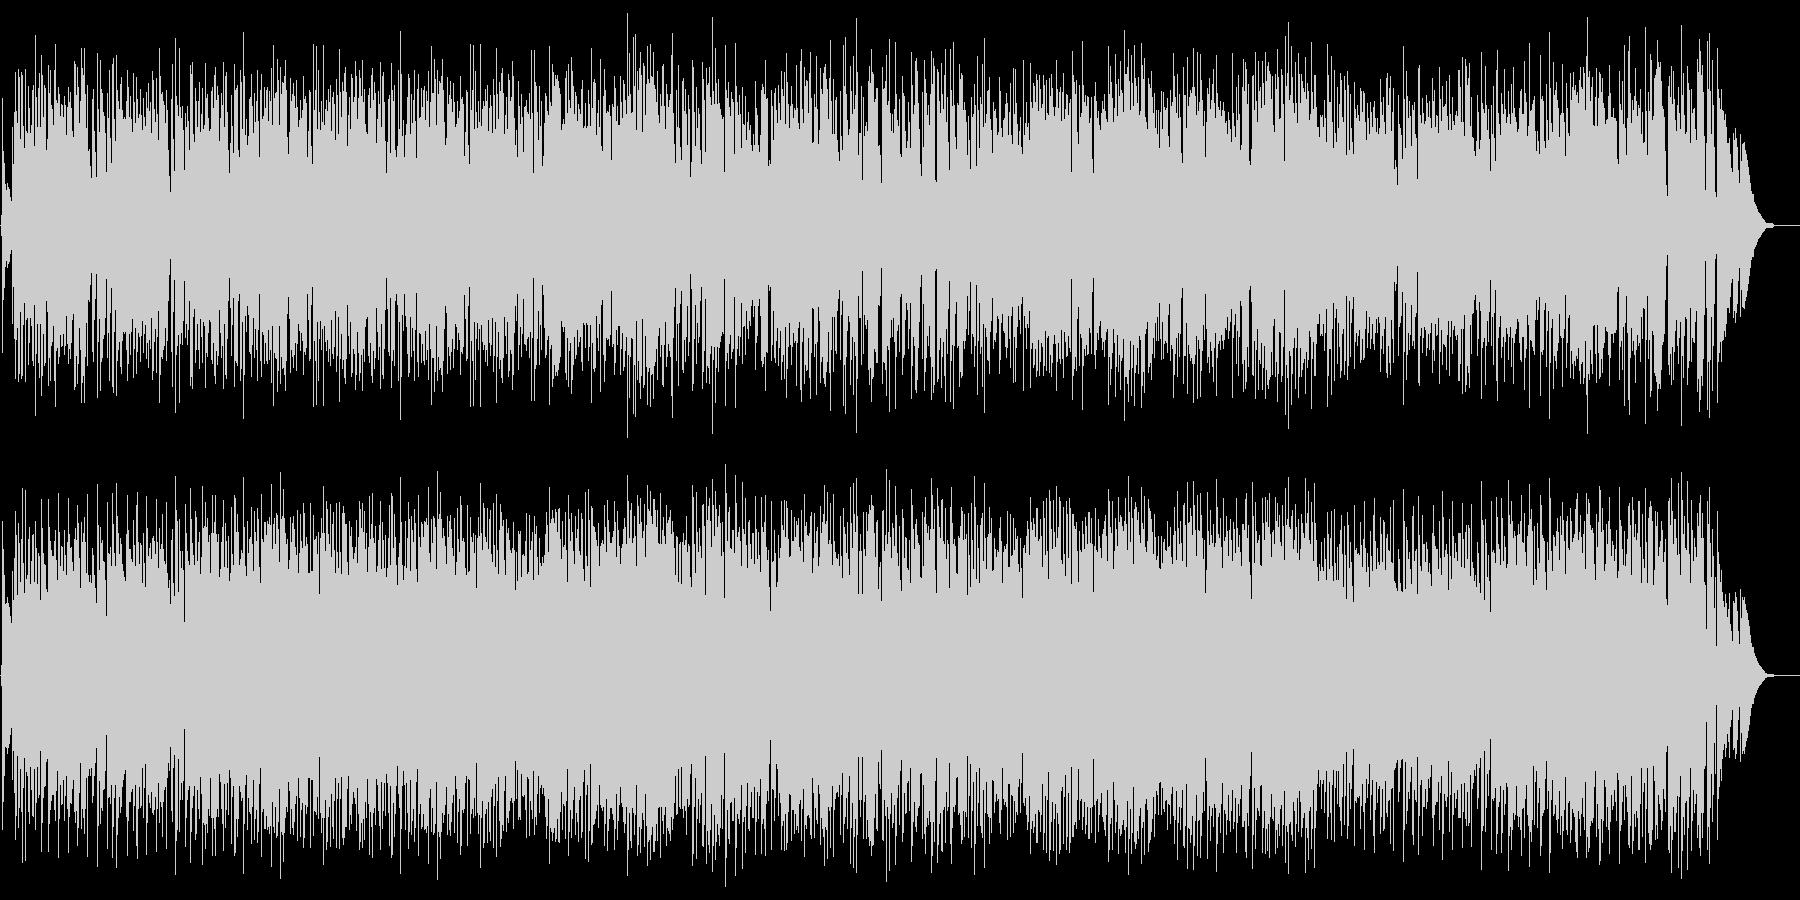 小犬のワルツ(F.ショパン)Jazzの未再生の波形